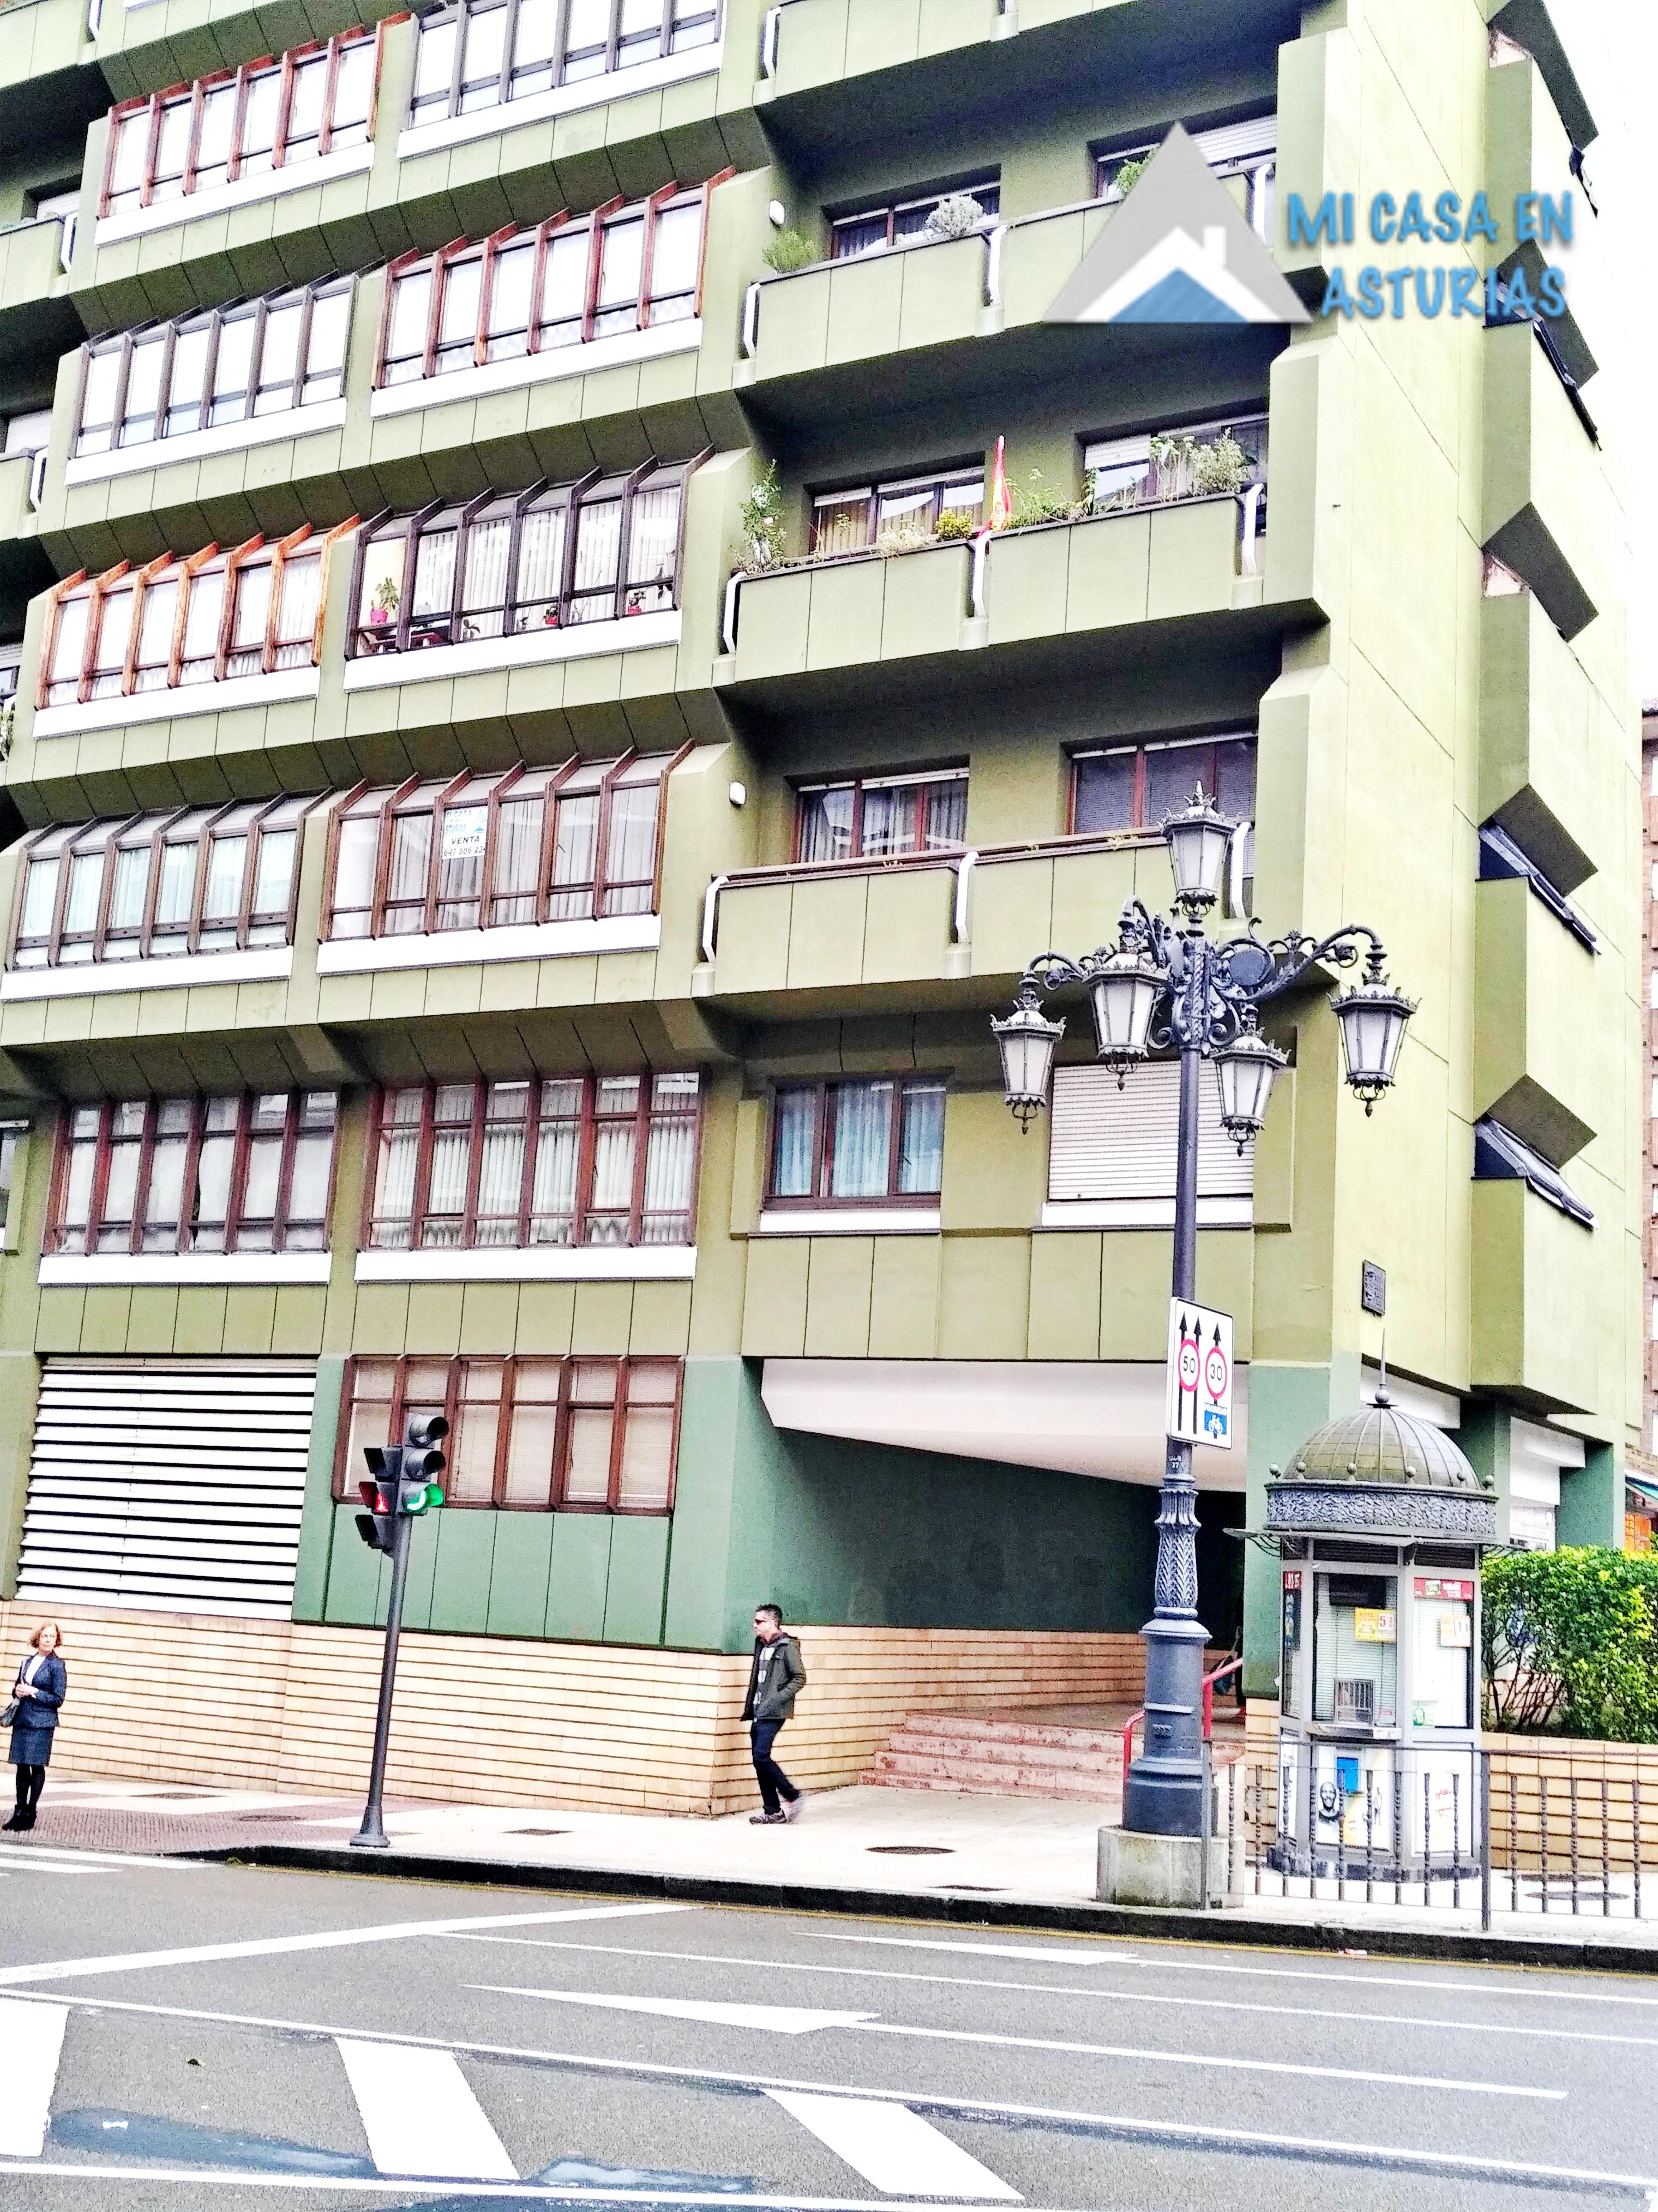 Venta de piso de enormes dimensiones en la Zona Centro. Oviedo. Asturias.